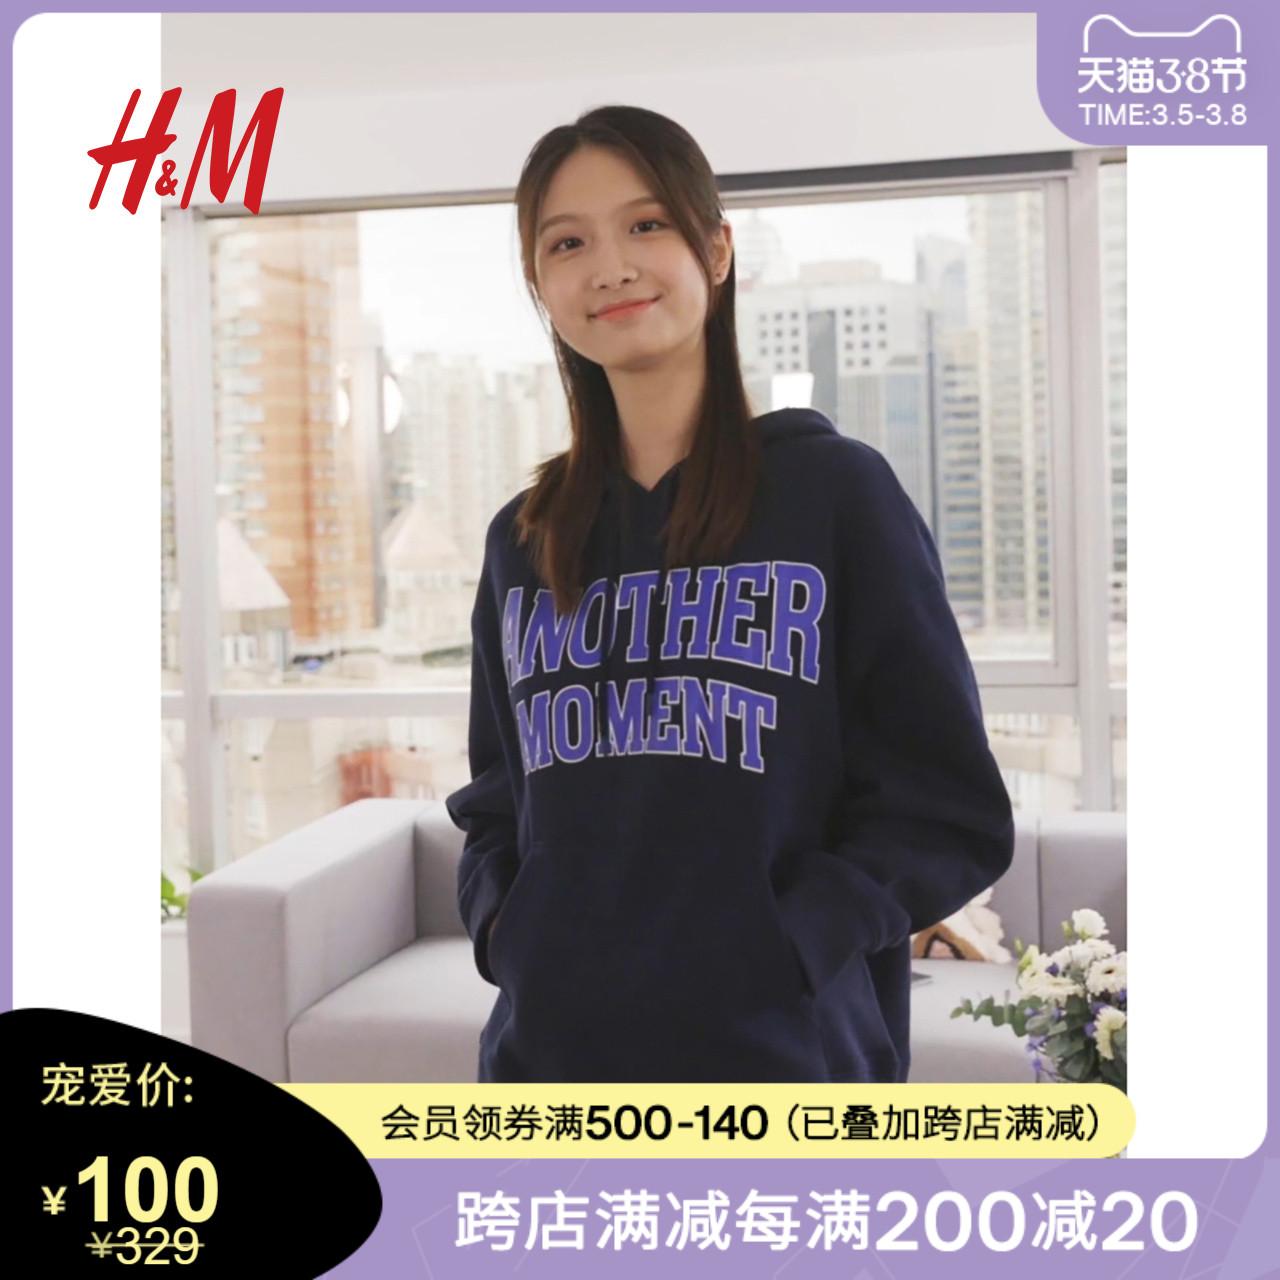 紫色卫衣 HM DIVIDED女装糖果紫色卫衣春秋薄款闺蜜装甜美少女穿搭0794078_推荐淘宝好看的紫色卫衣